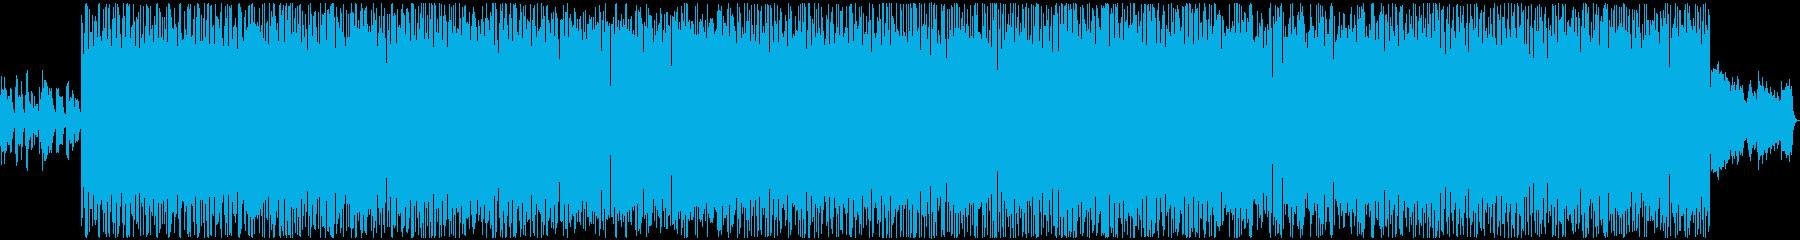 元気なリズムのハウスの再生済みの波形